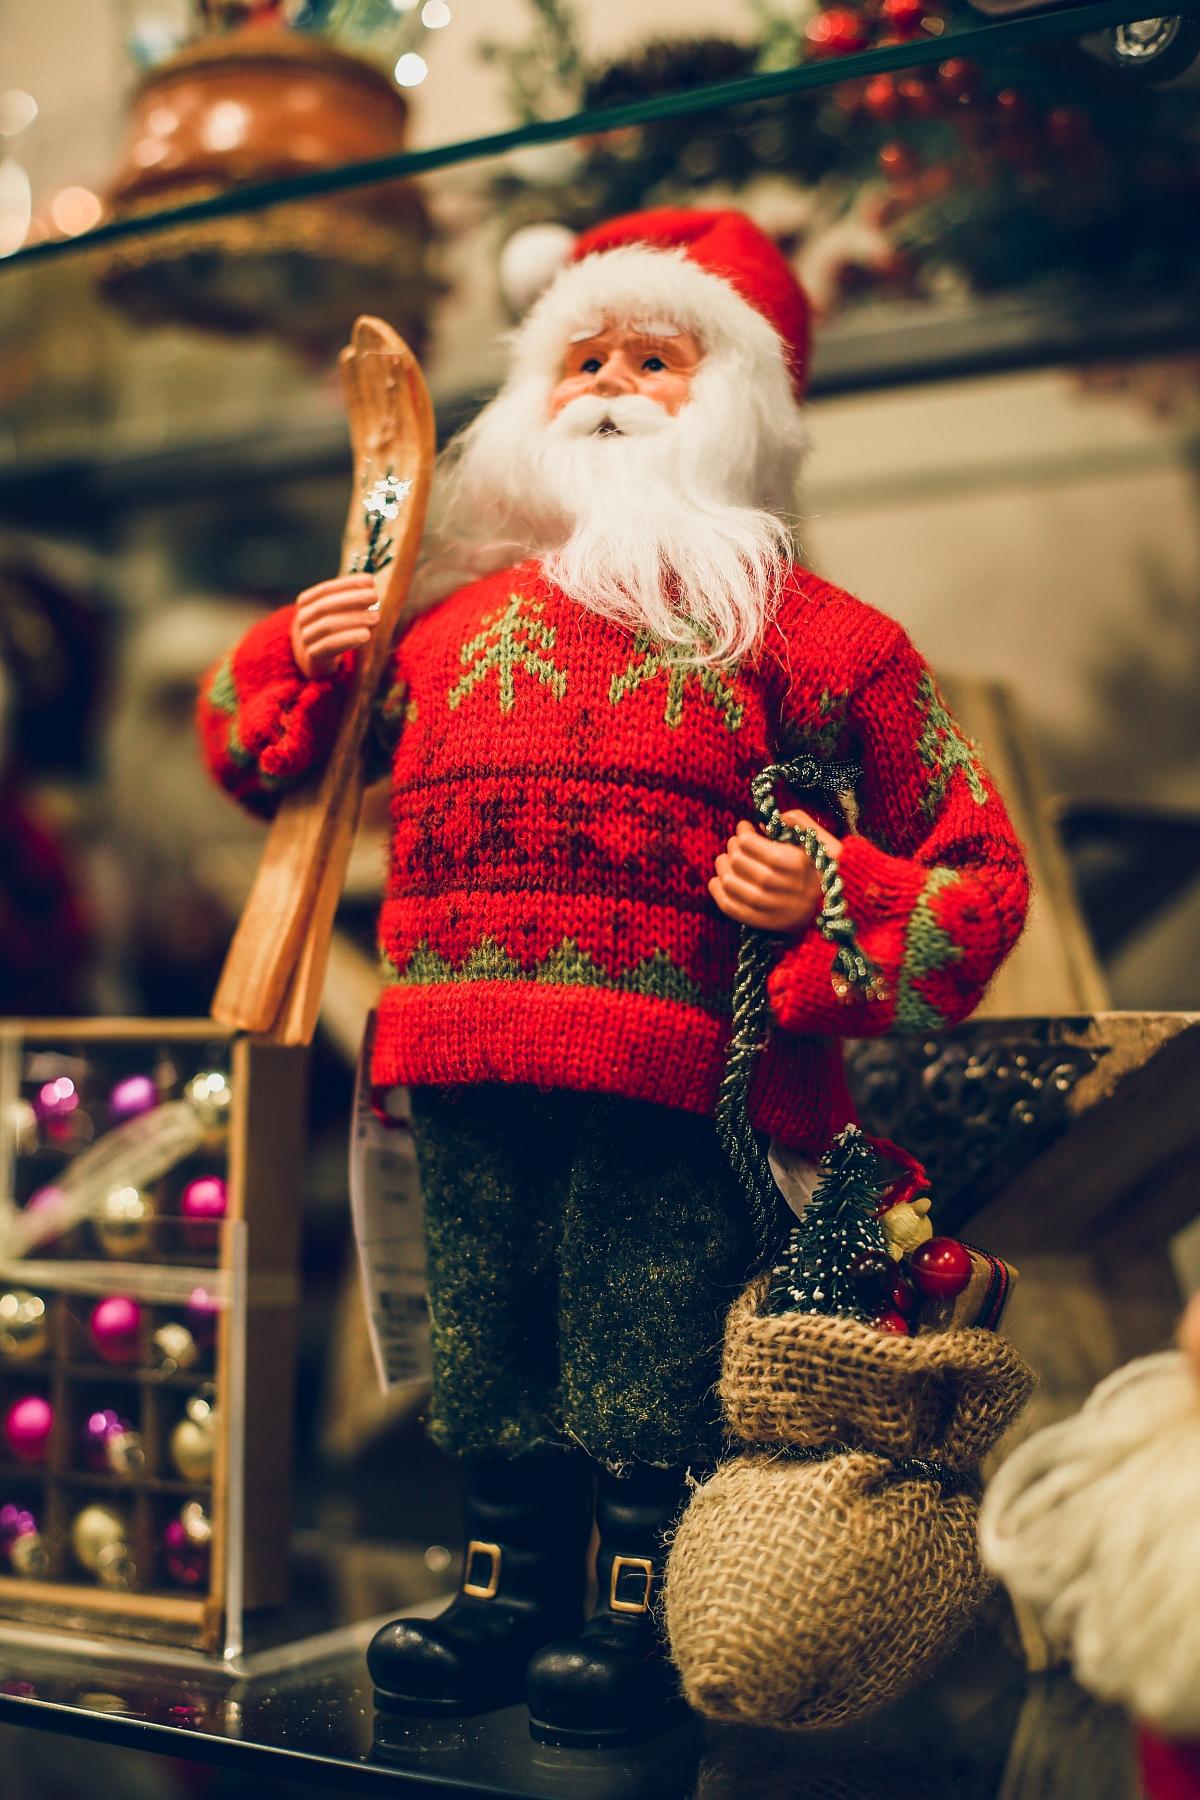 świąteczne prezenty dla każdego TK Maxx mikołaj